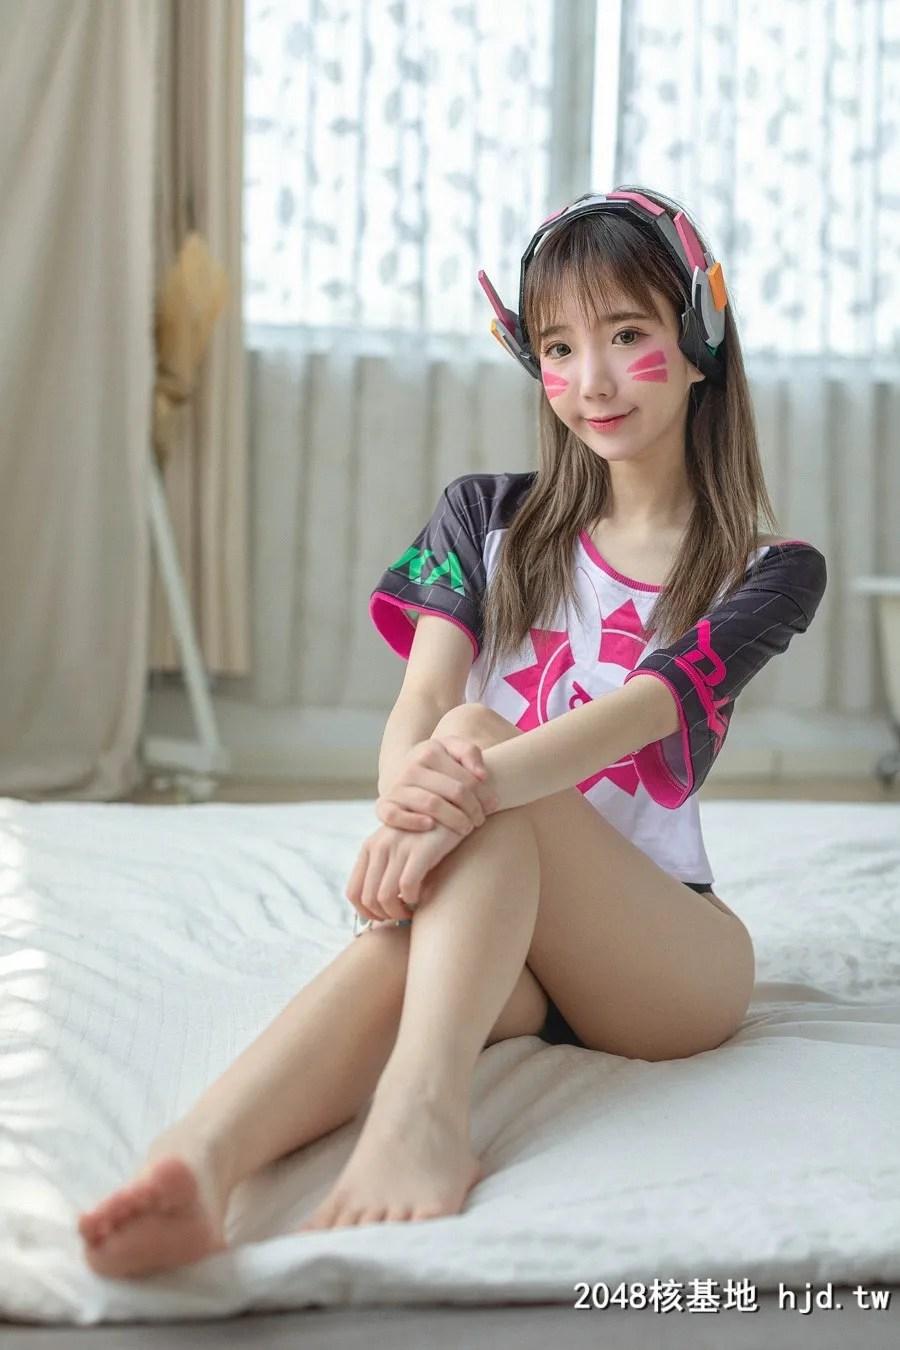 《守望先锋》D.Va甜美少女裸足Cosplay【CN:裴裴】 (15P)插图(2)